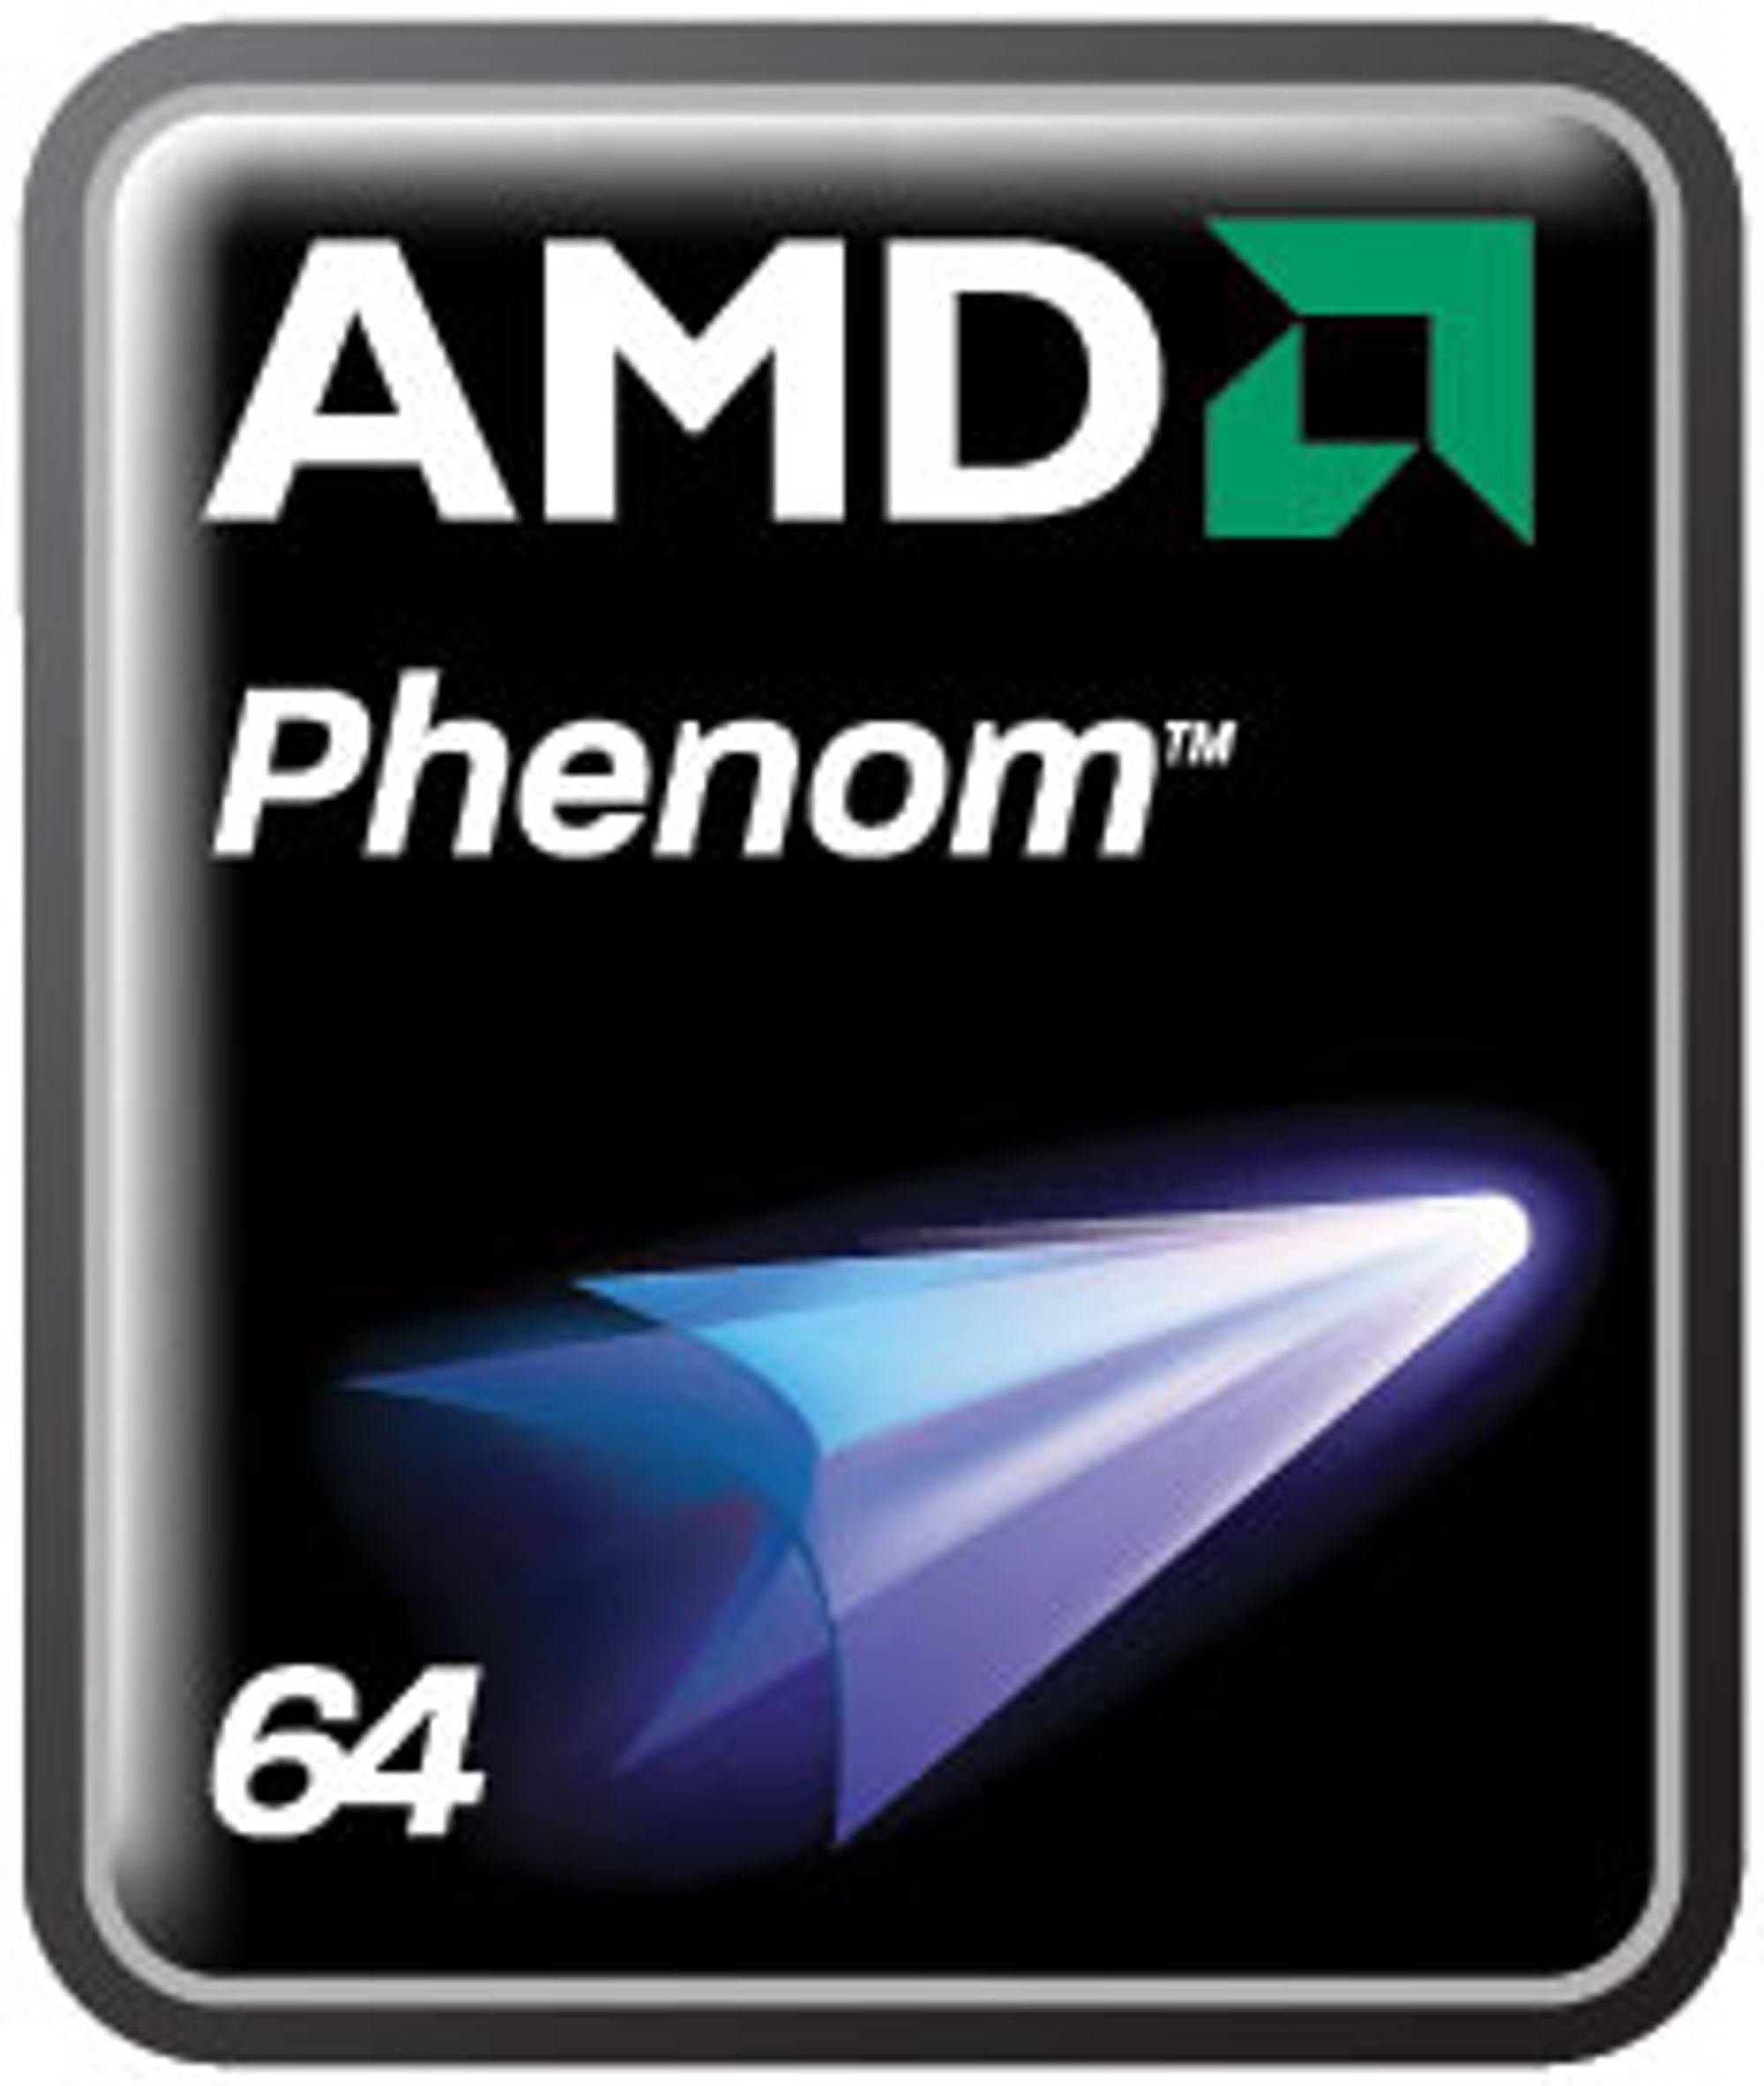 Phenom også som trippelkjerne?